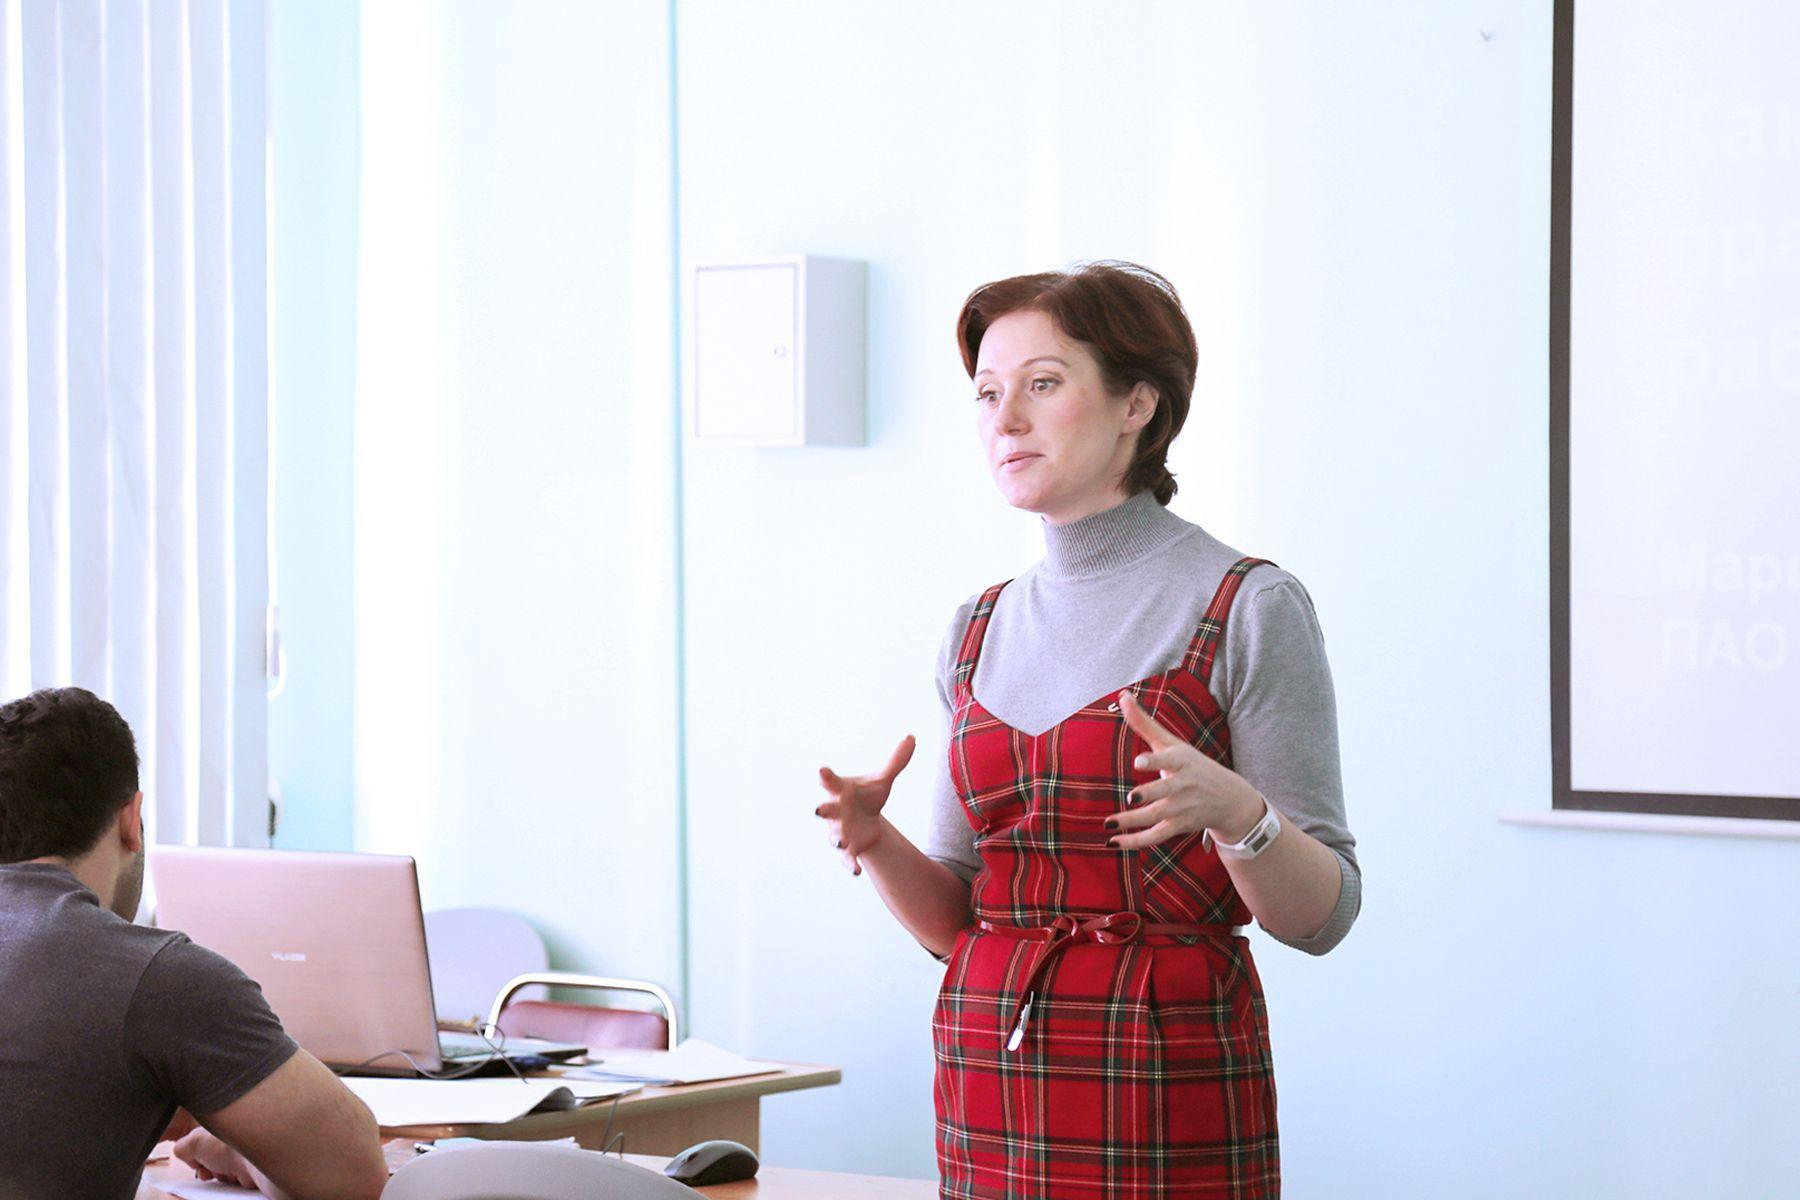 Приглашенный спикер – студентам бакалавриата «Управление персоналом» ВГУЭС: определяем мотивацию на этапе собеседования